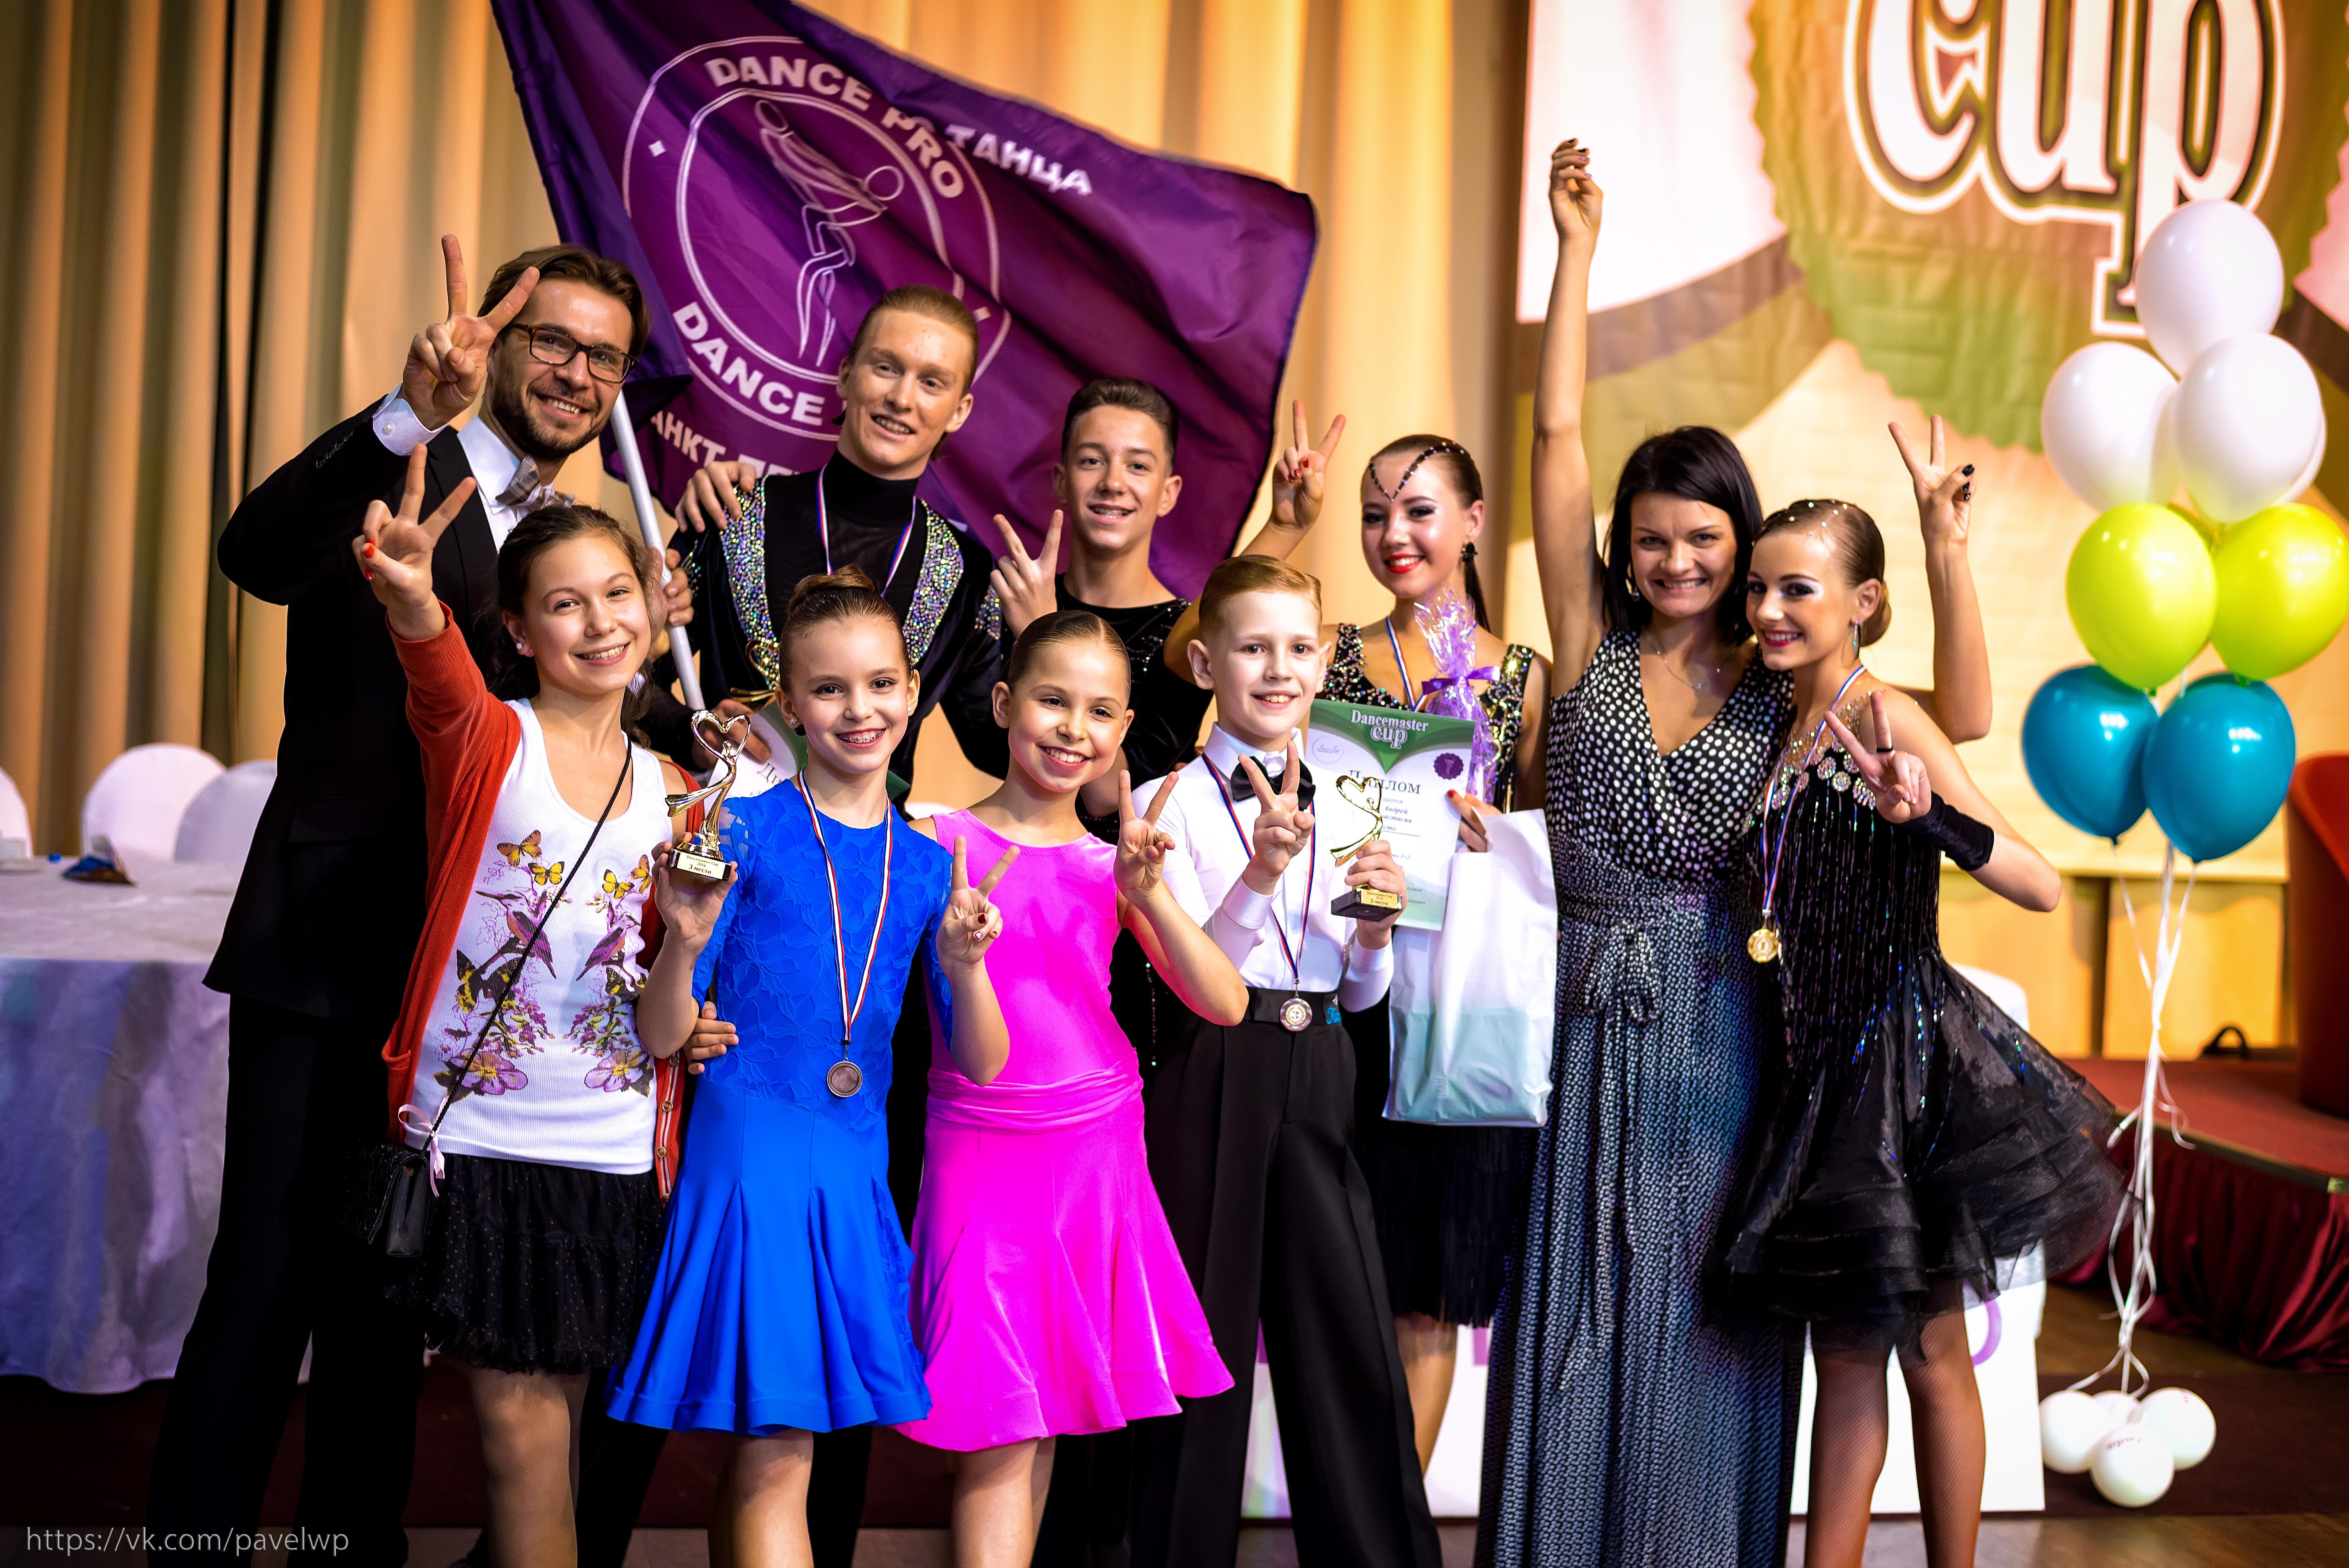 ЕЖЕГОДНЫЙ КЛАССИФИКАЦИОННЫЙ ТУРНИР «DANCEMASTER CUP – 2016» — ФОТООТЧЕТ